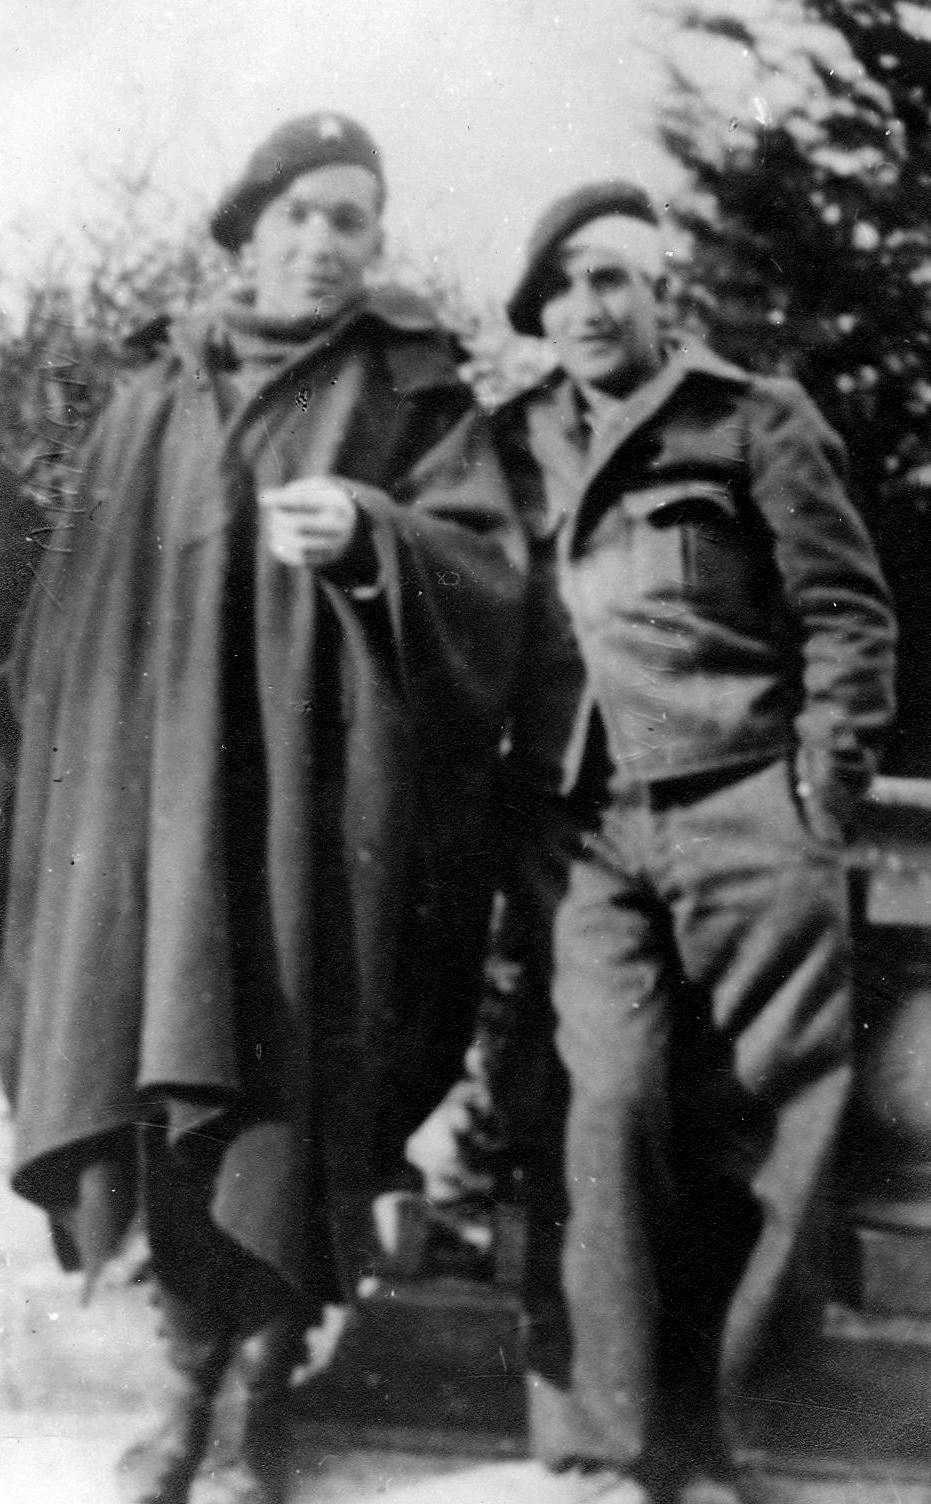 Elio Vimini (amb una bena al cap) amb Arturo Zanoni durant la guerra d'Espanya